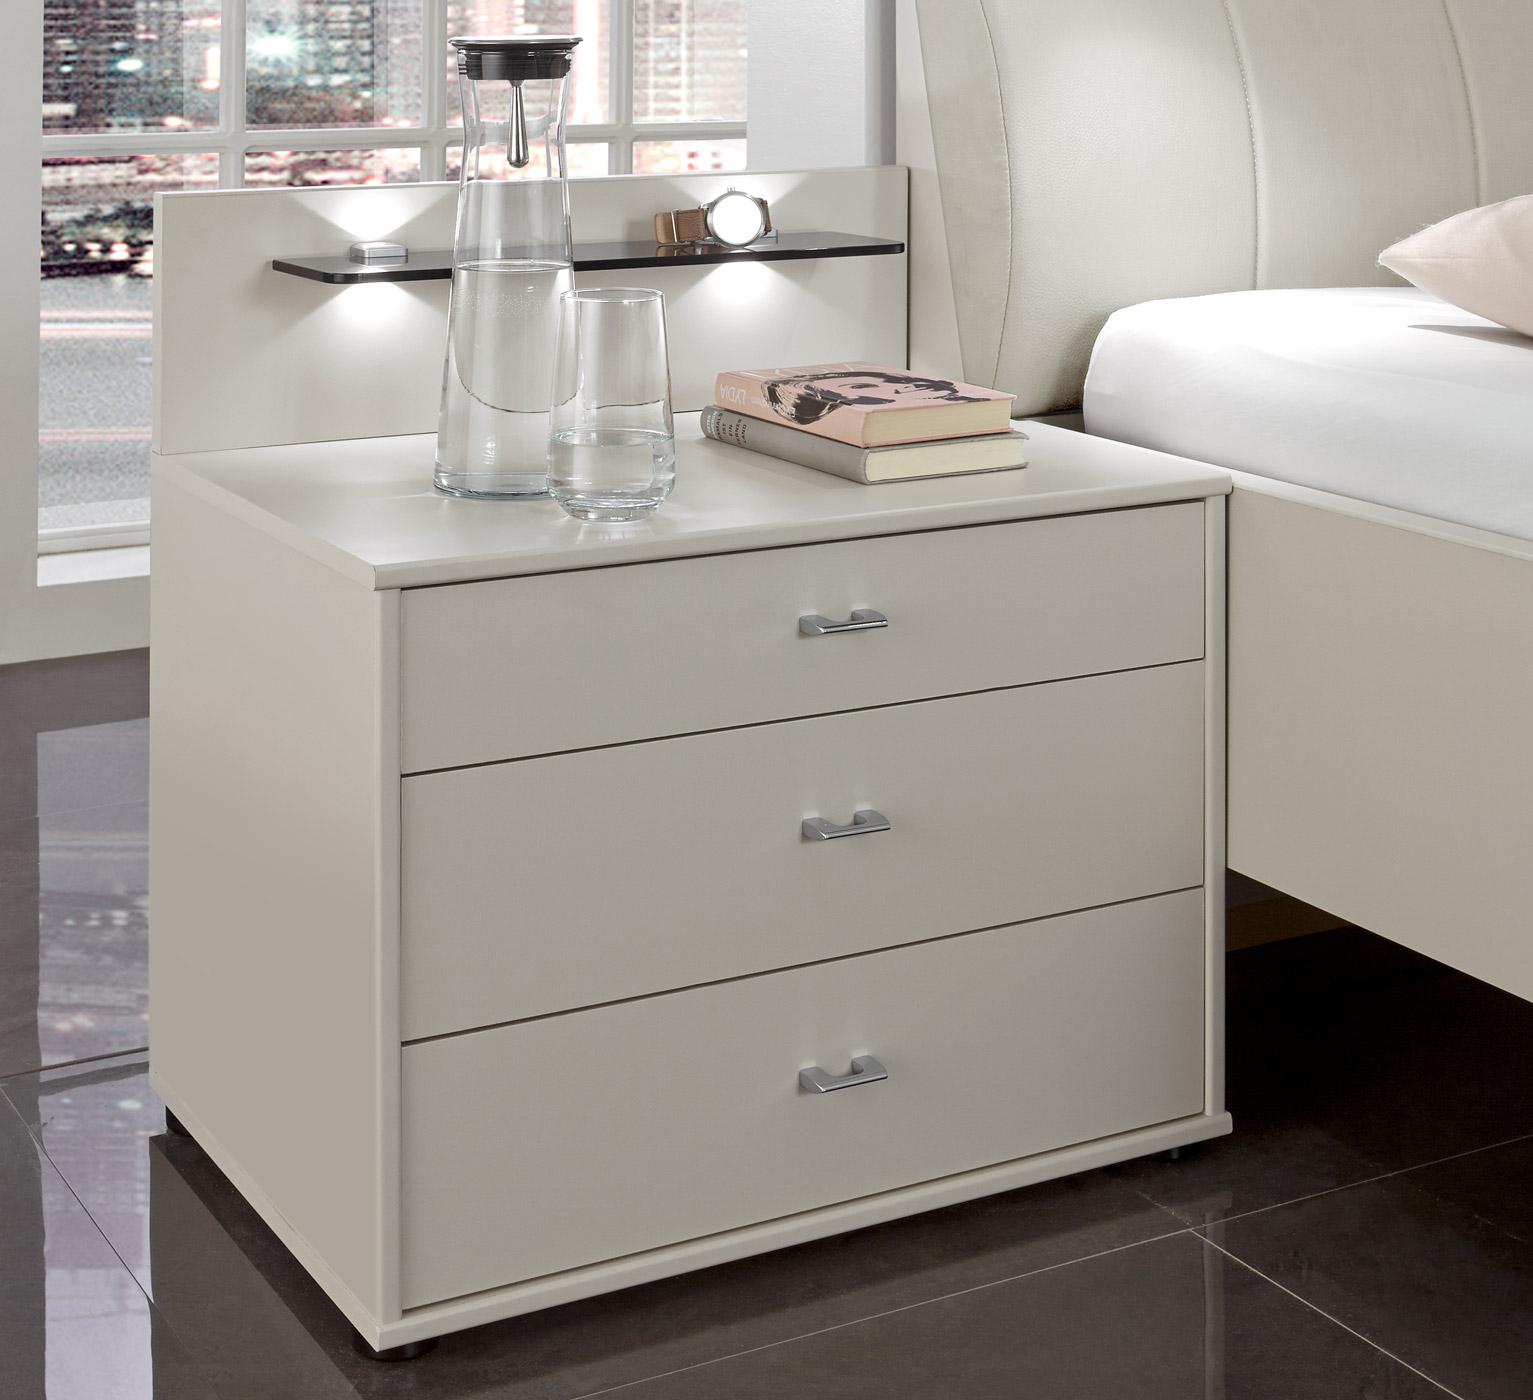 hohe nachttische fr cool bild with hohe nachttische fr. Black Bedroom Furniture Sets. Home Design Ideas